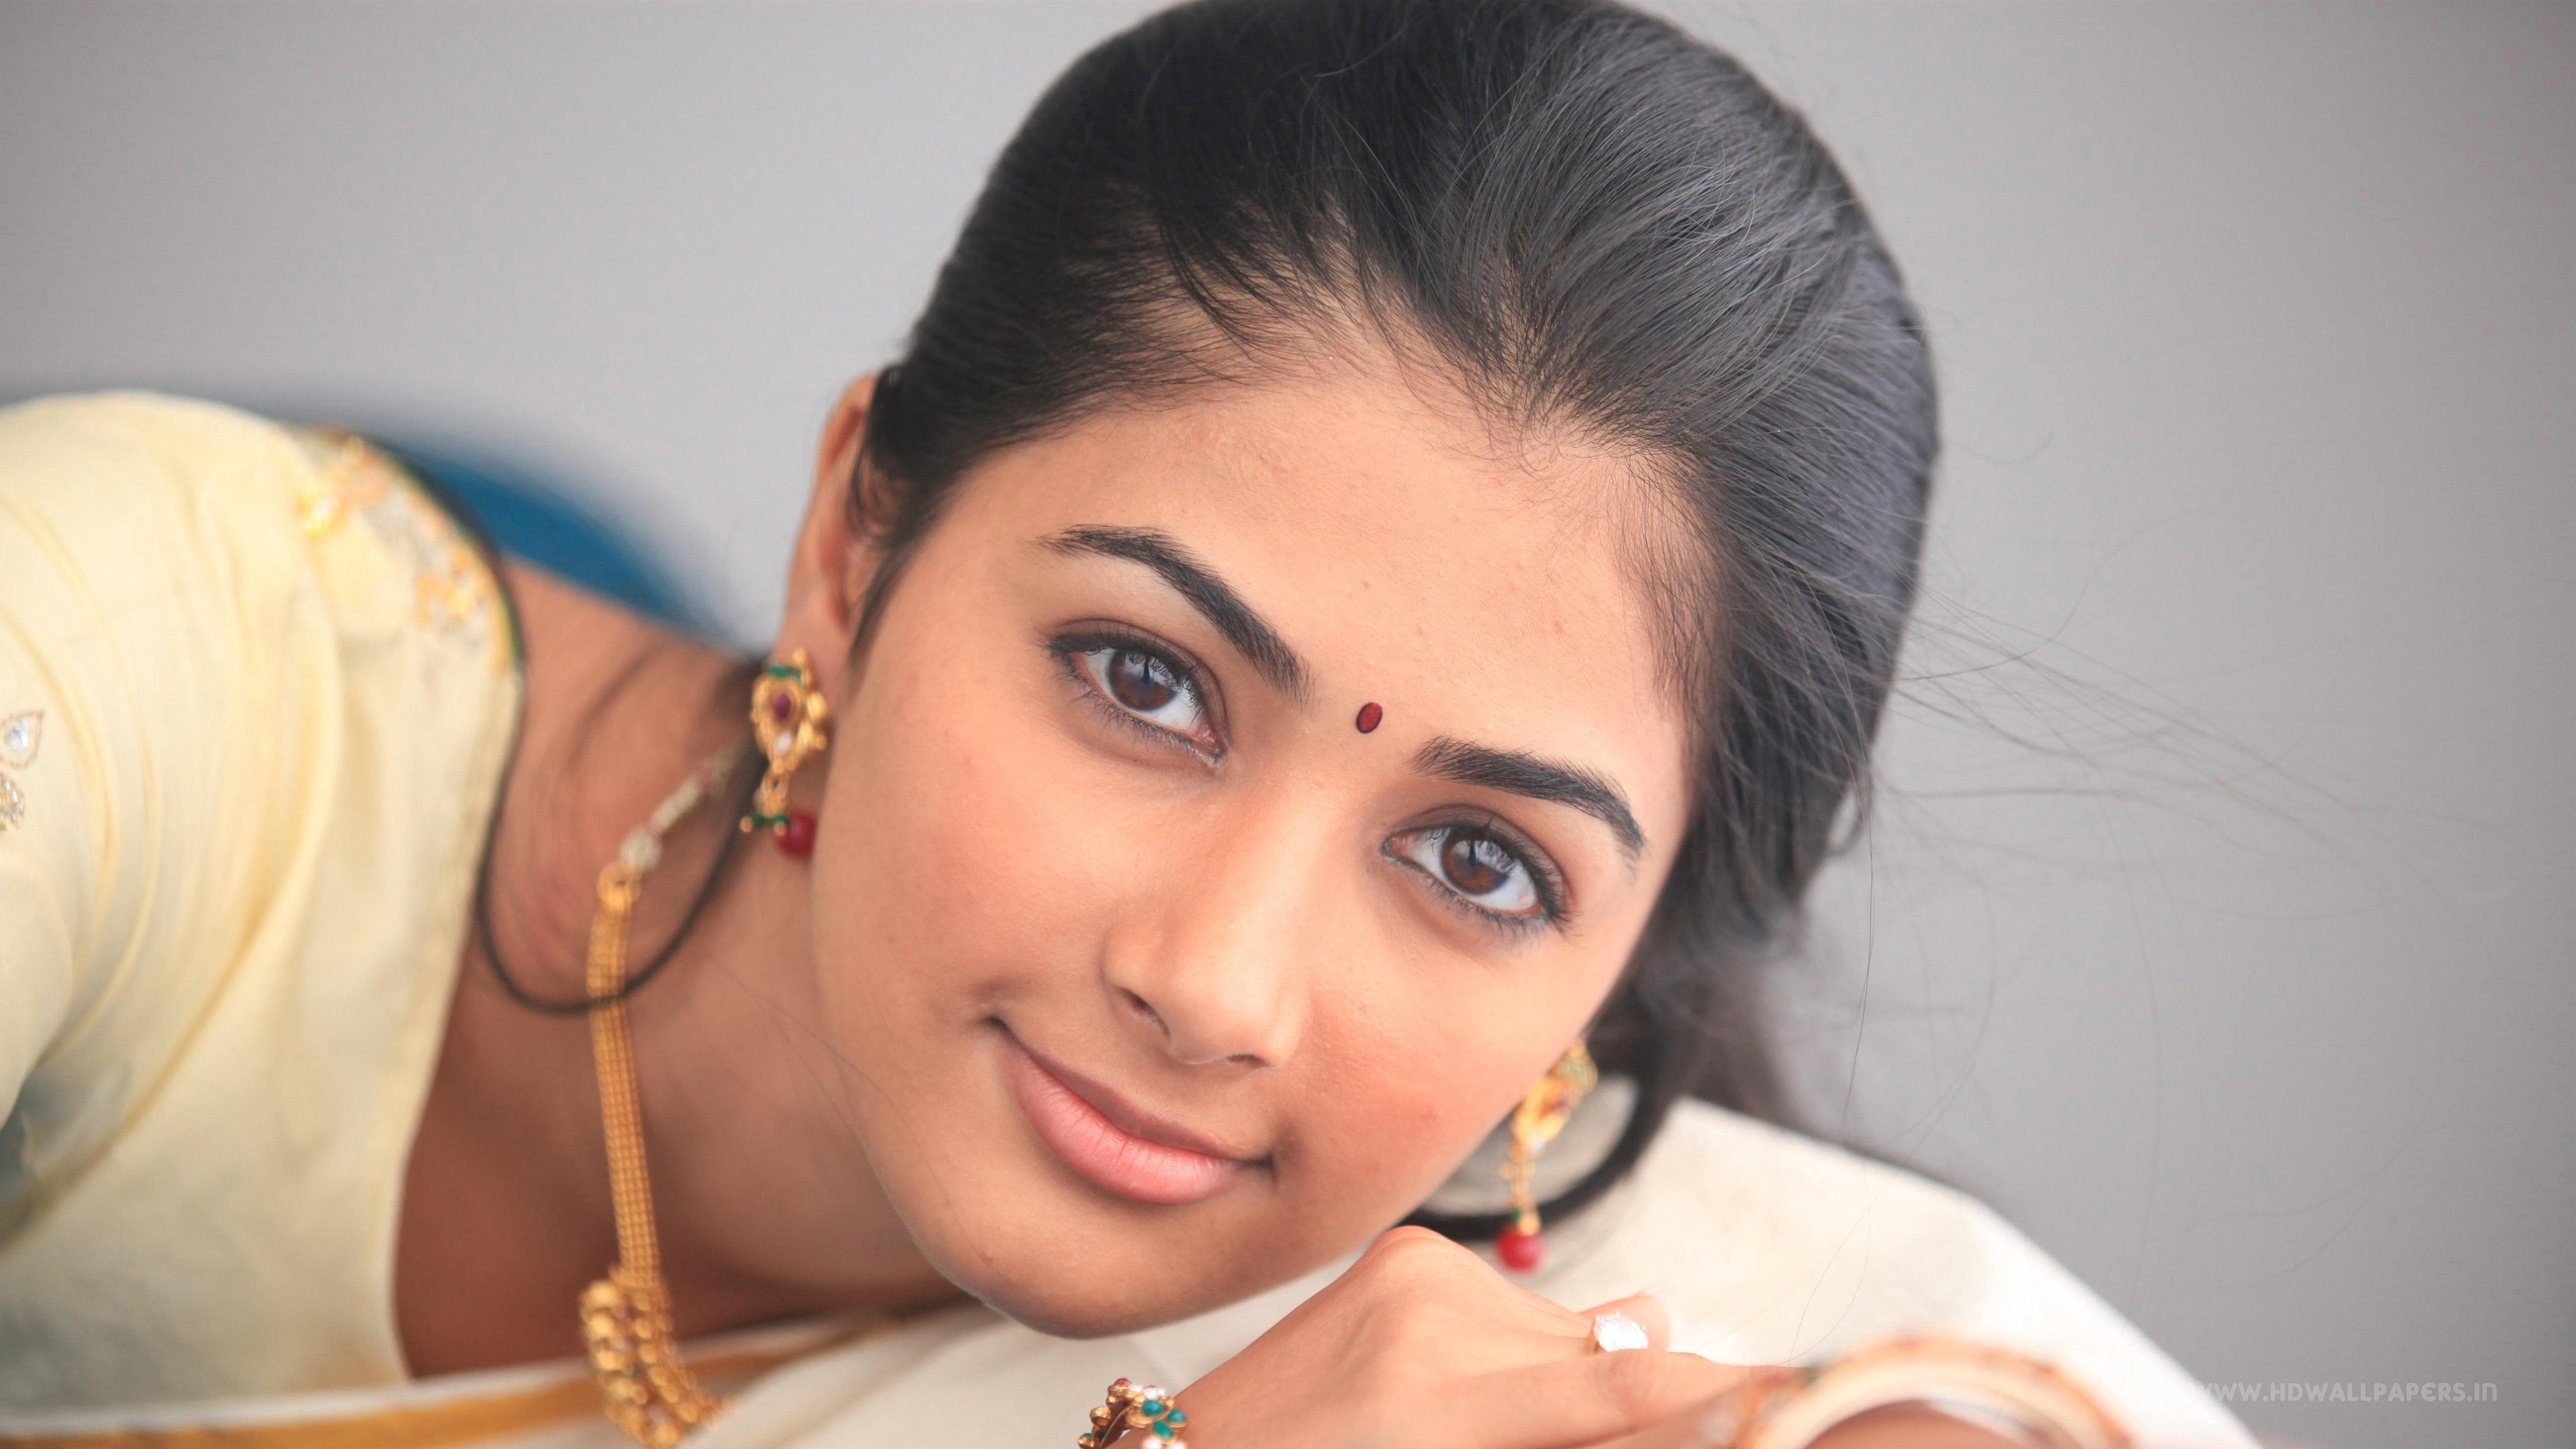 5k Pooja Hegde Indian Actress 5k Wallpaper Hdwallpaper Desktop Actress Wallpaper Actresses Actress Photos